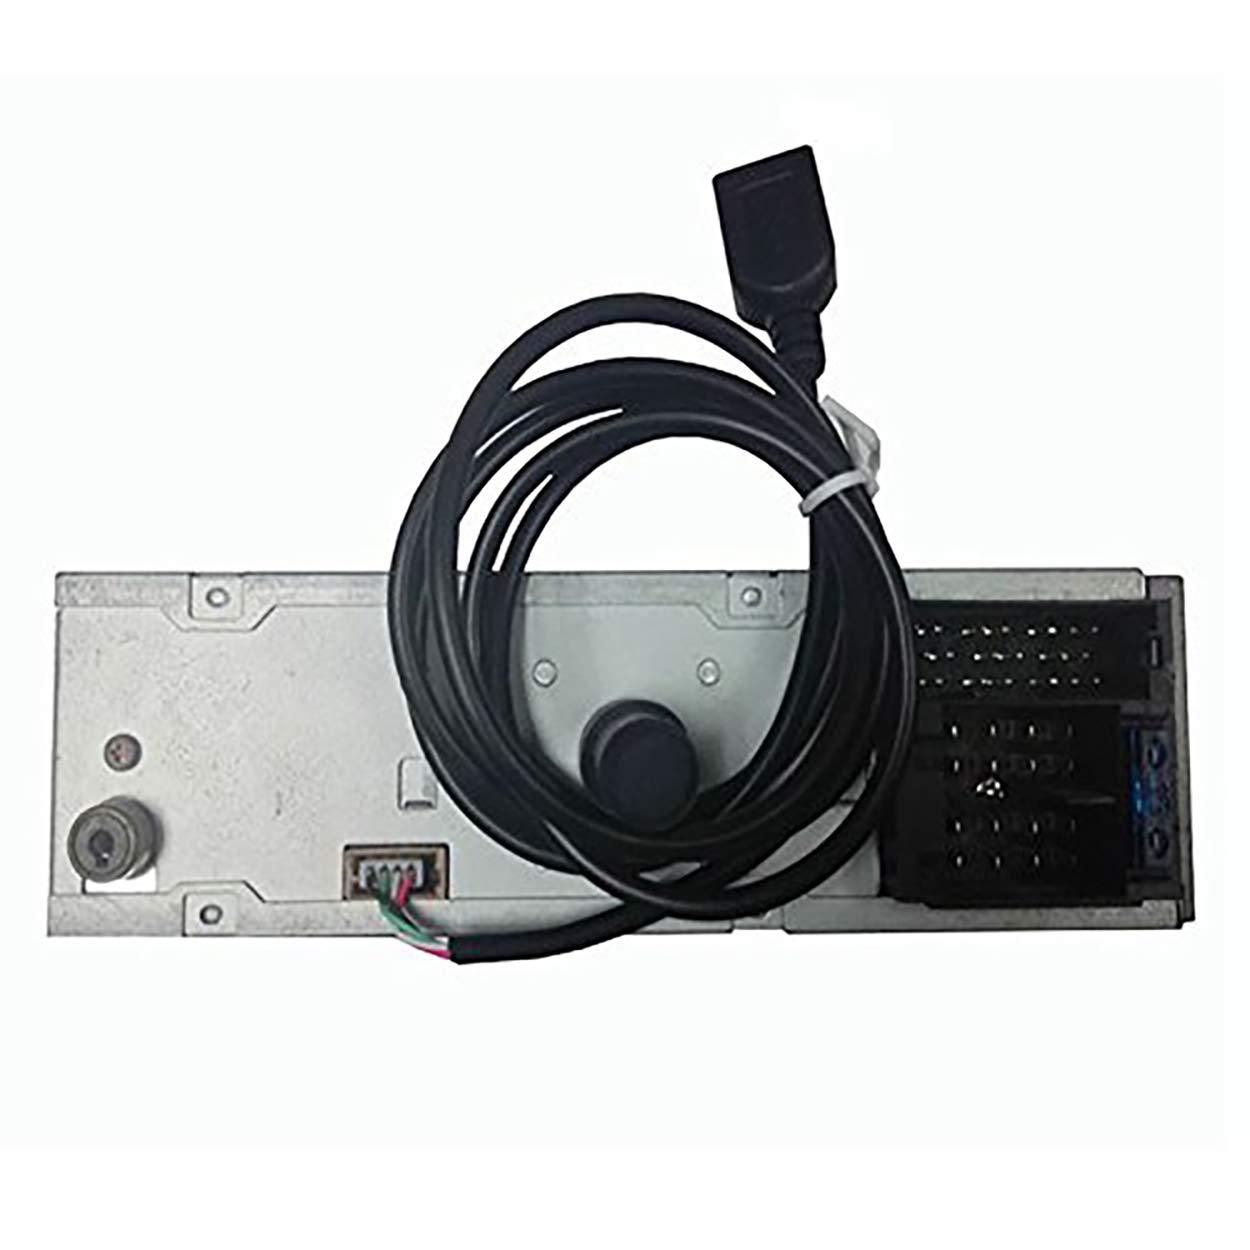 HarmonyHappy Ligne de c/âbles USB avec Outils de d/émontage Radio pour Peugeot 207 307 308 407 pour Citro/ën C2 C3 C4 RD9 RD43 RD45